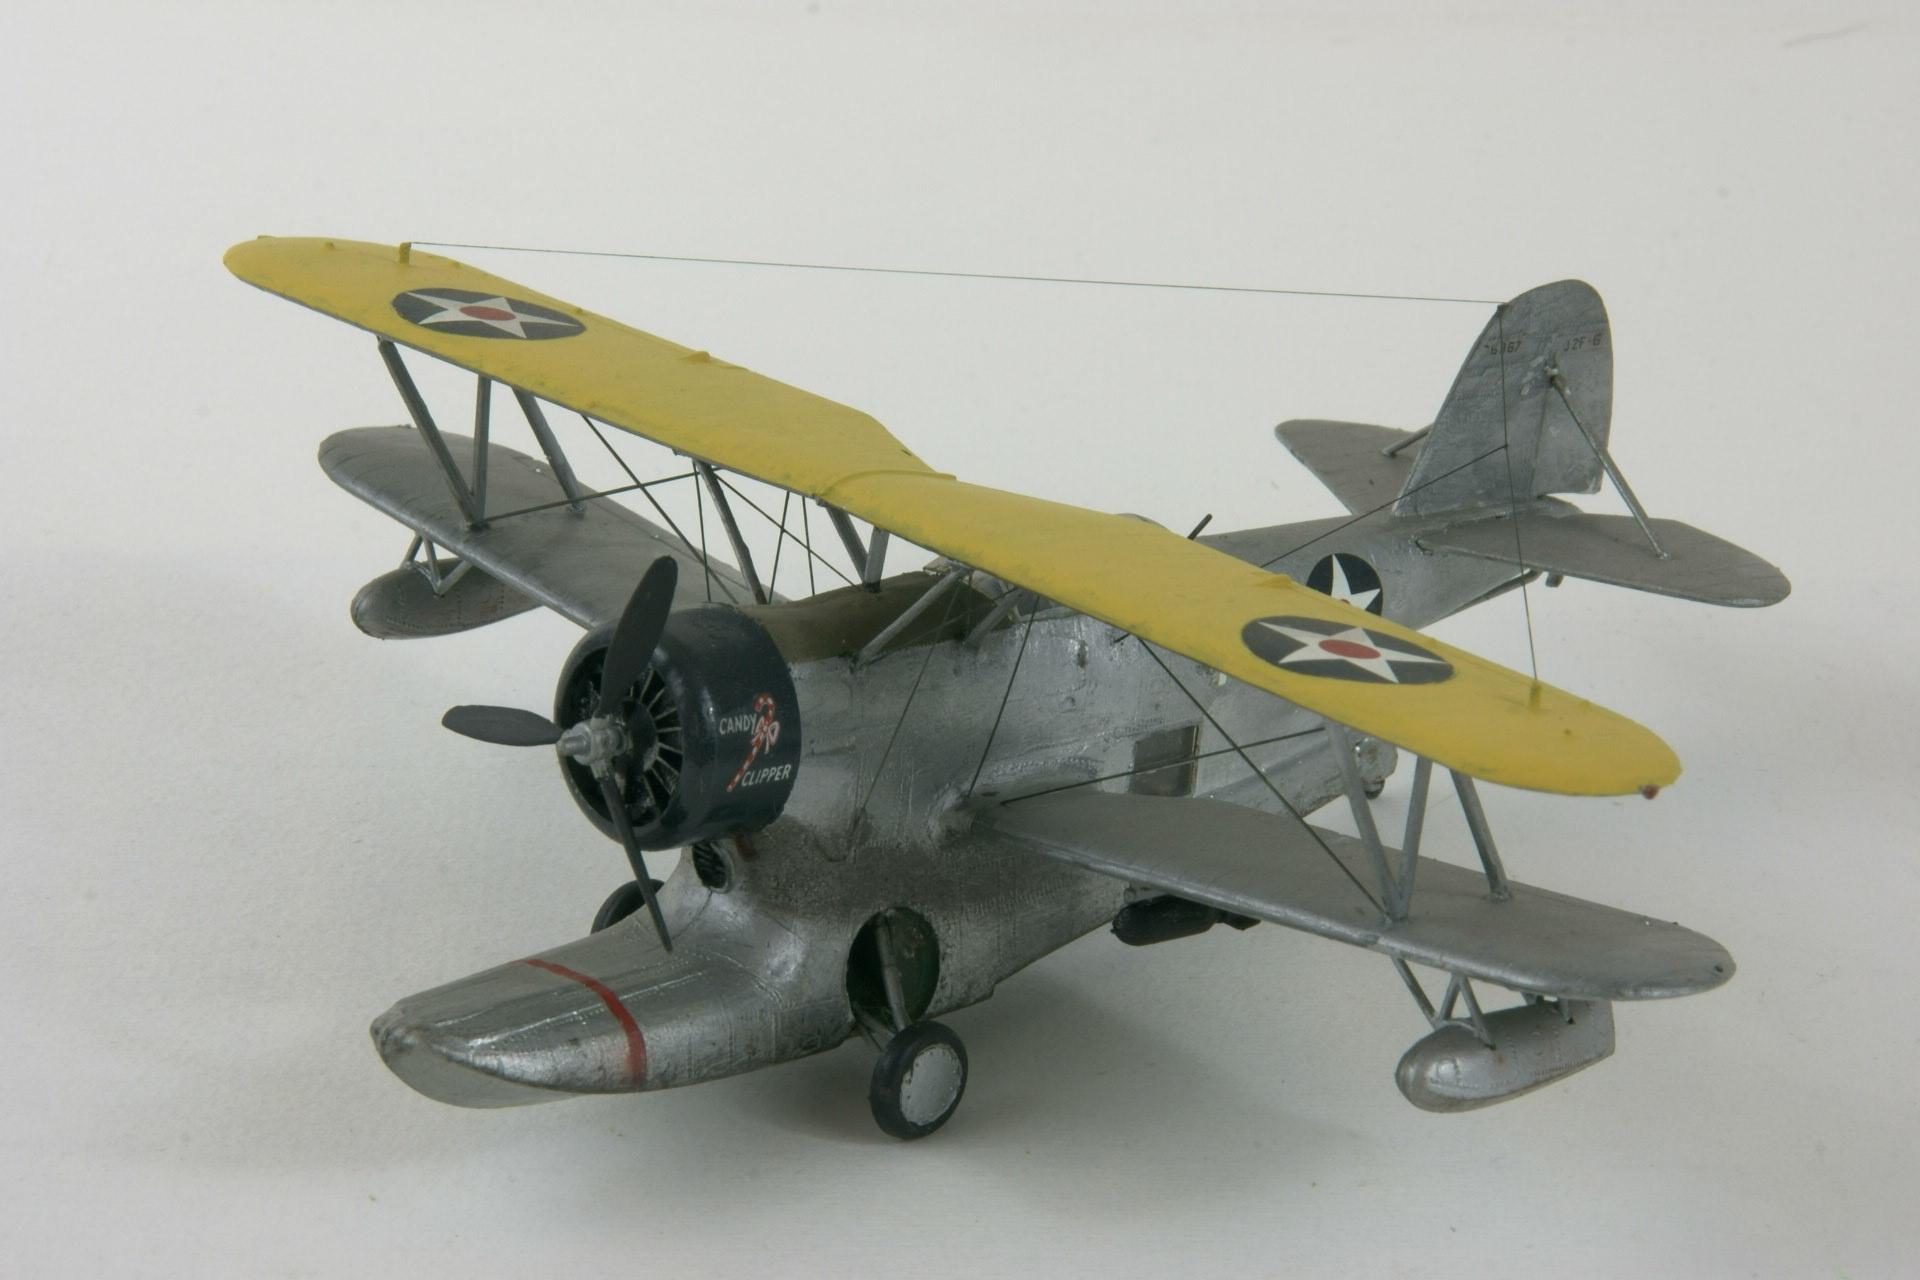 Grumman j2f 6 duck